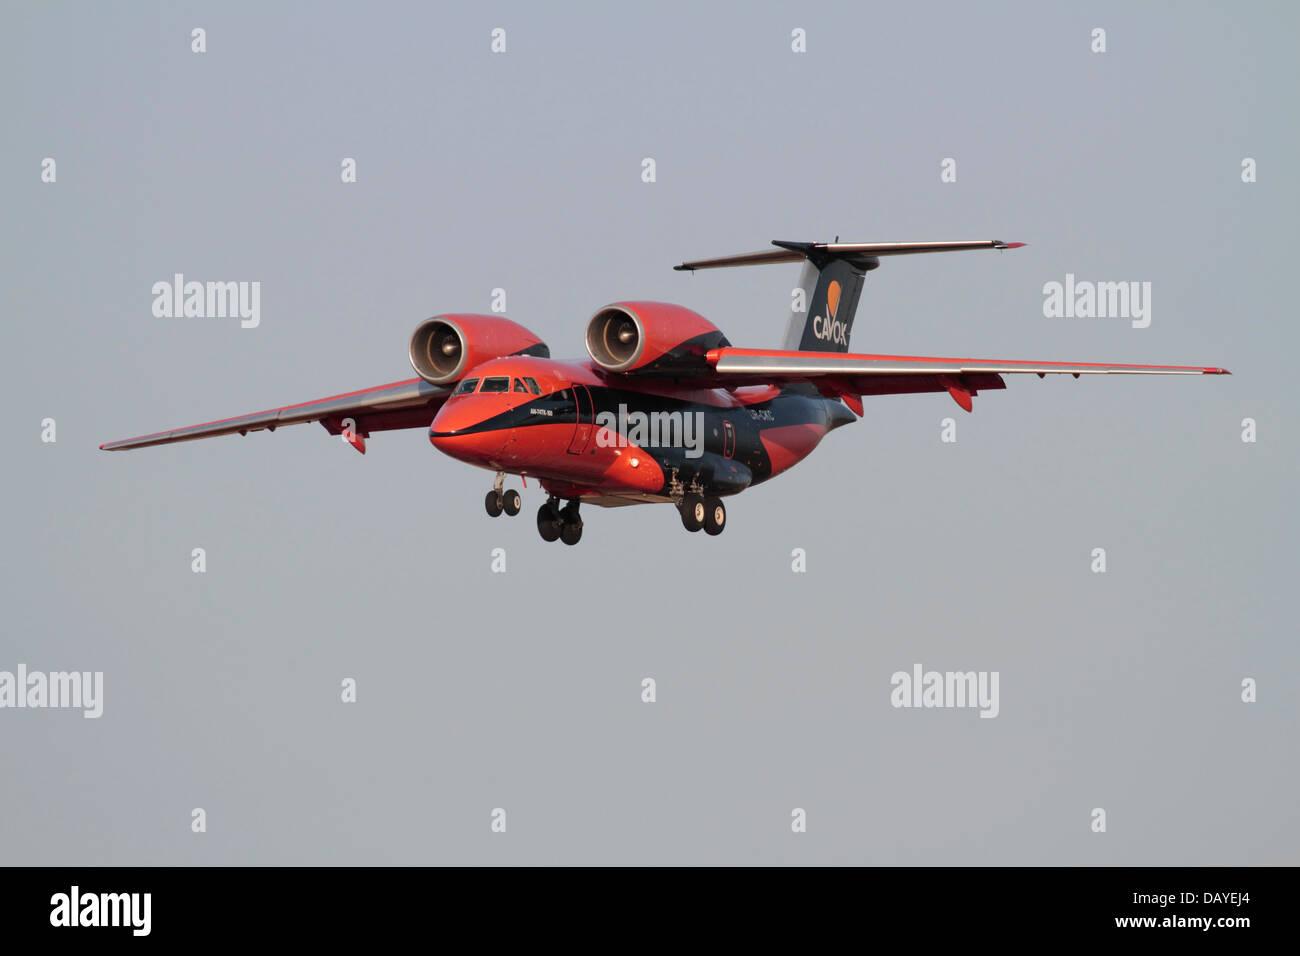 Trasporto aereo di merci. Un Antonov-74 cargo aereo nei colori di operatore ucraino Cavok aria, mostrando il suo Immagini Stock